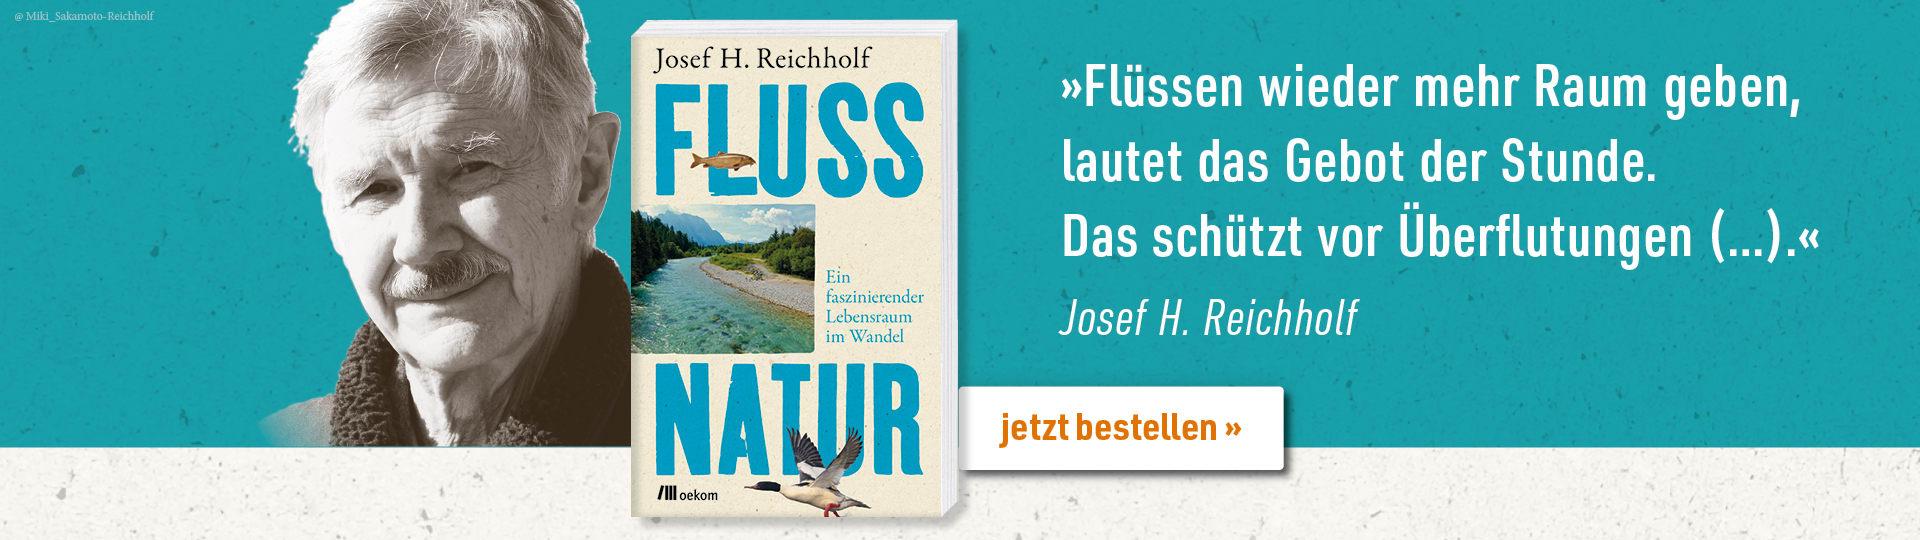 Werbebanner zu Josef Reichholfs Buch »Flussnatur«